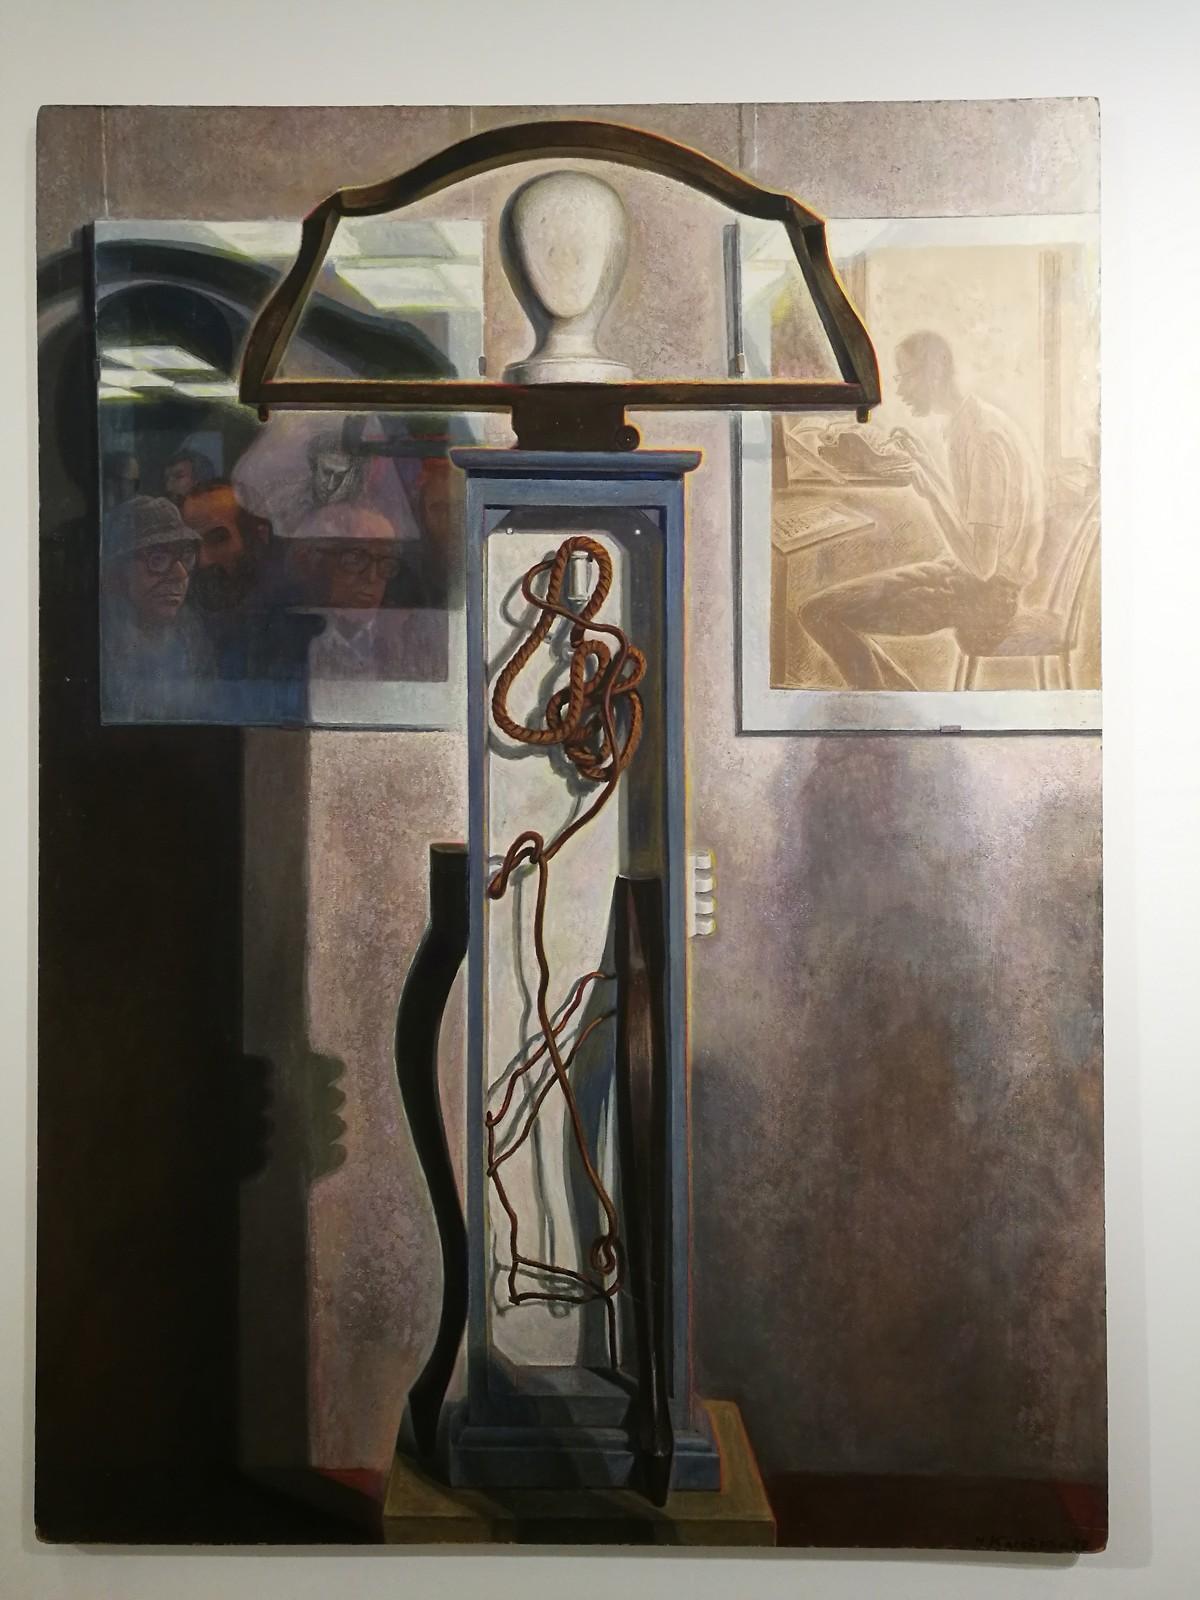 Жена художника, Зоя Николаевна, рассказала, что на одной из выставок посетитель даже нагибался и проверял, его эта тень или нет.